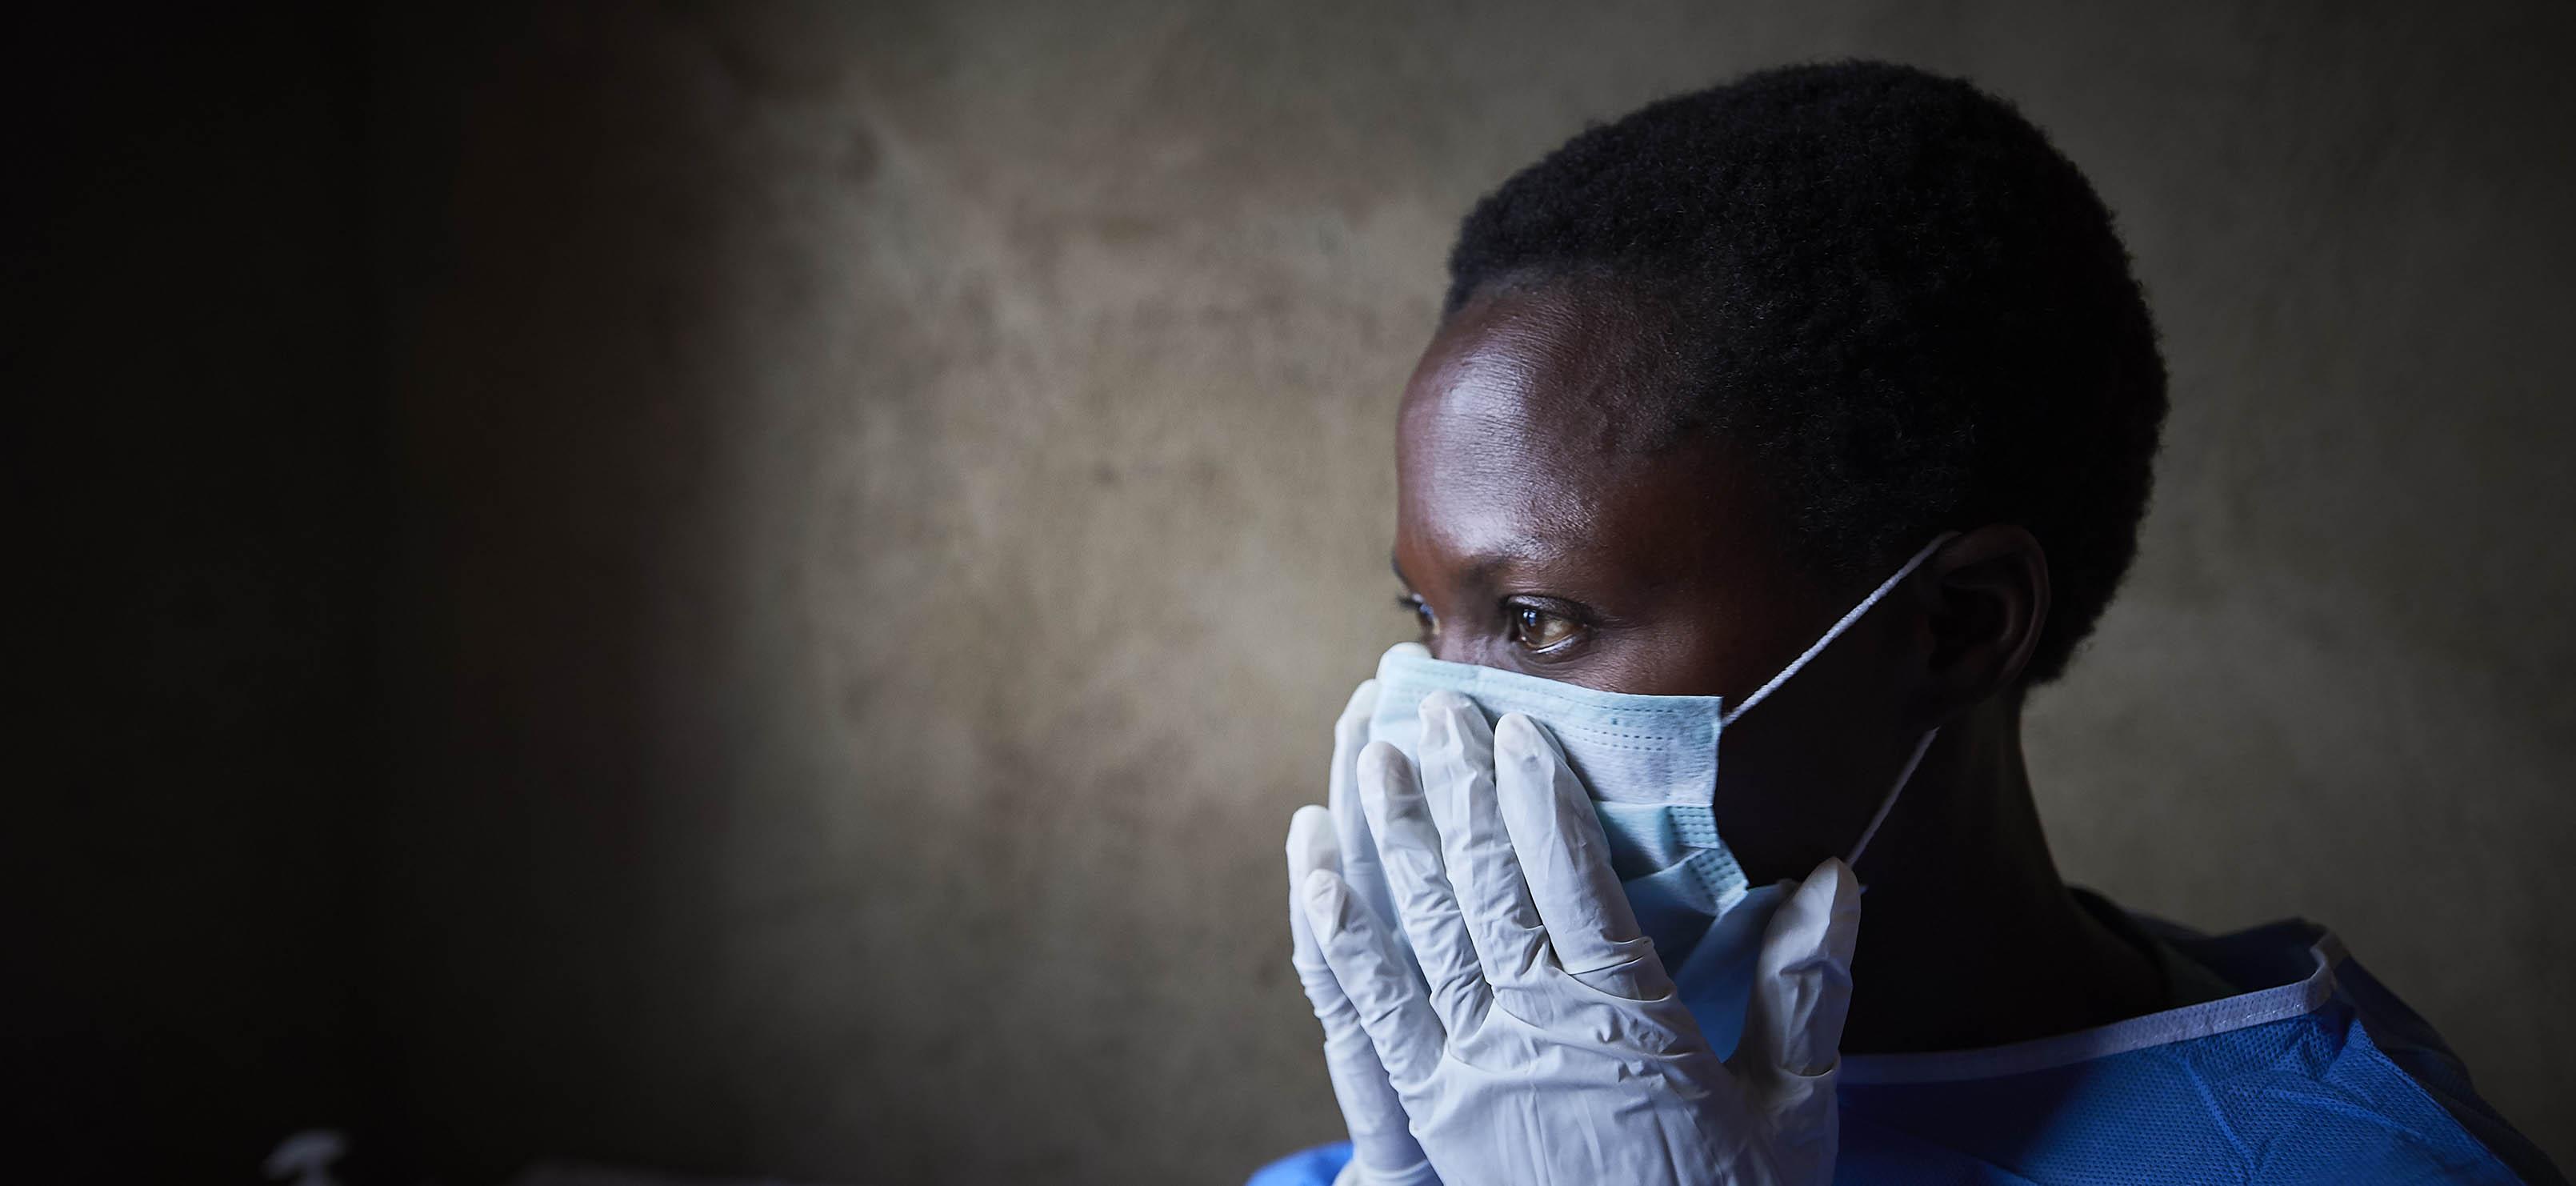 15 novos casos confirmados de Coronavírus no Congo